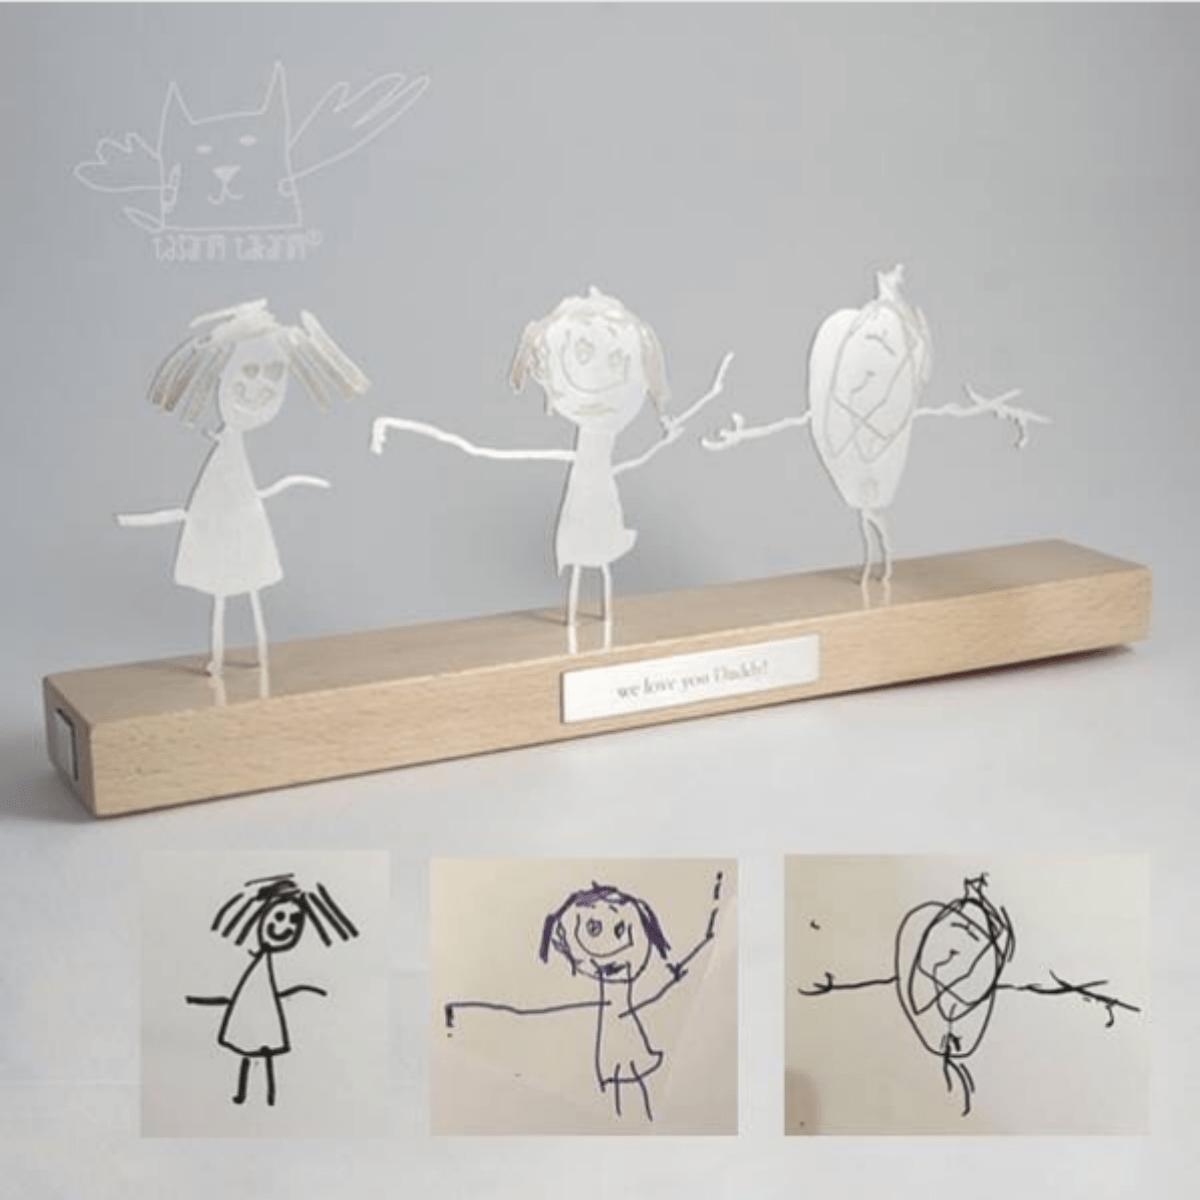 Ювелирная компания делает украшения из каракуль детей — и это прекрасно